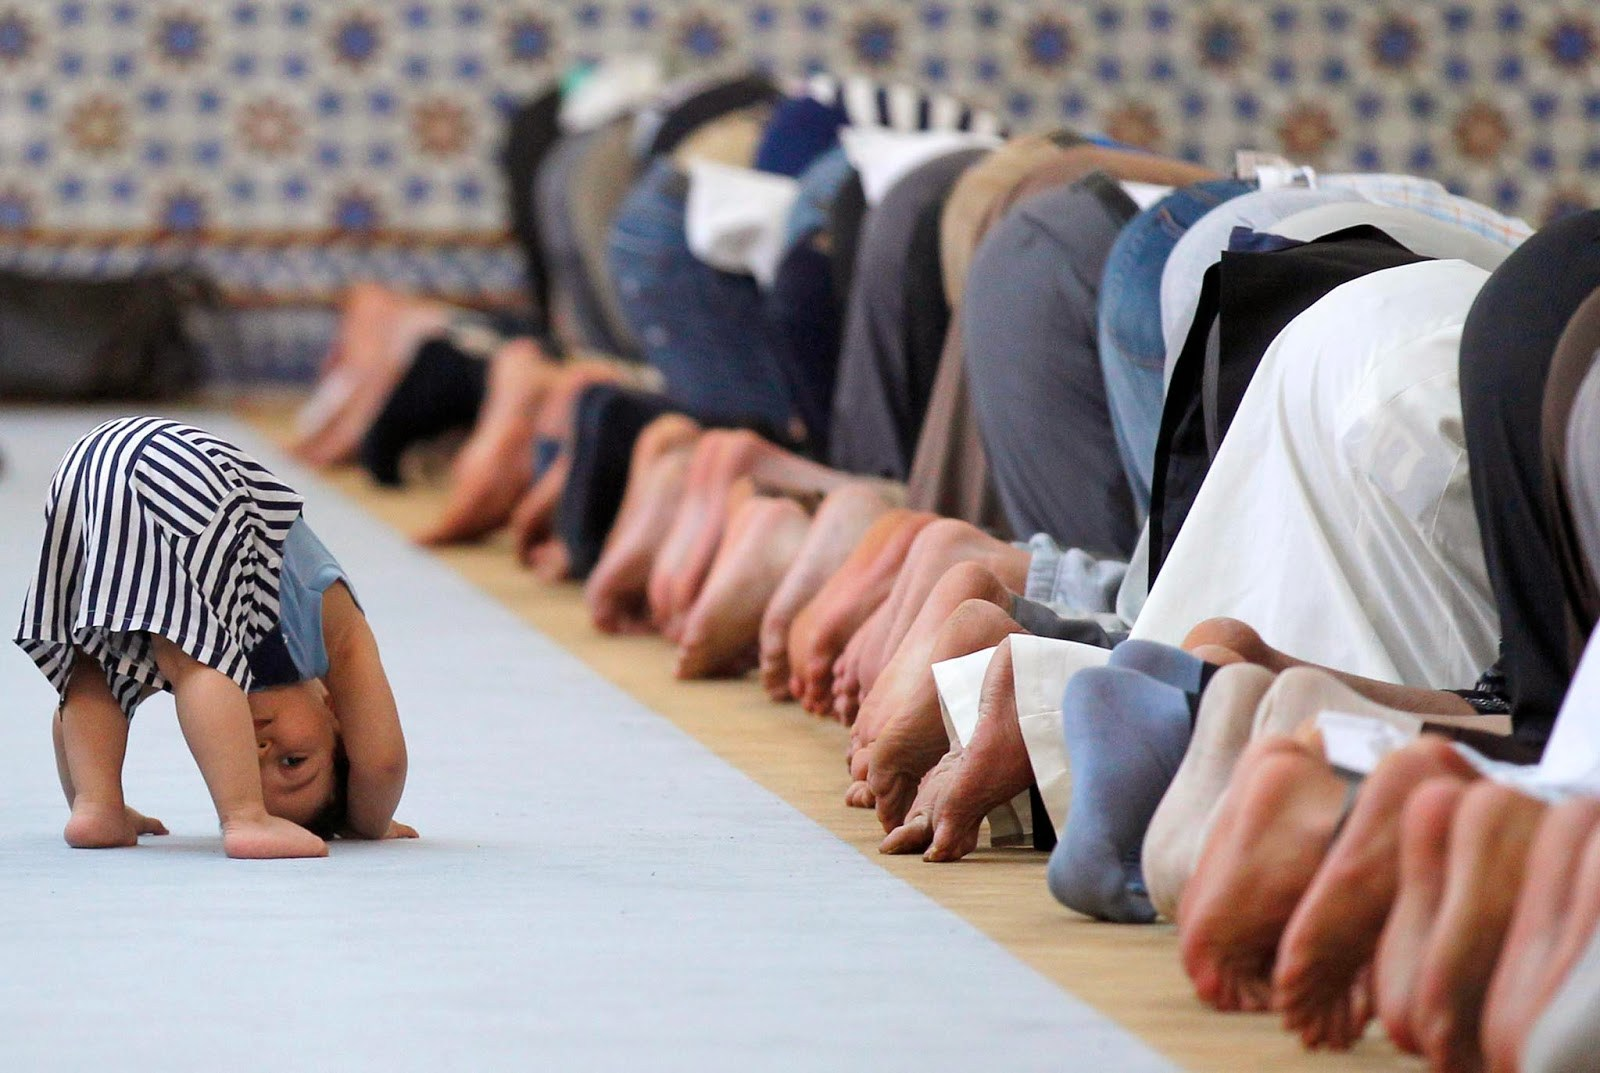 لوگ مسجد تو جوق در جوق جاتے ہیں، لیکن اپنی نماز پہ کم اور دوسروں کے پائنچہ، داڑھی، کالر او ننگے سر پہ دھیان زیادہ دیتے ہیں۔ یہاں کا امام مسجد جمعہ کے خطبے میں استطاعت کو بالائے طاق رکھ کر حج کی فرضیت پہ خطبہ دیتا ہے۔ وہ زکوٰۃ پہ بھی بڑے جذبہ کے ساتھ خطبہ دیتا ہے ، لیکن ساتھ ہی اپنے آپ کو اس کا مستحق بھی گردانتا ہے۔